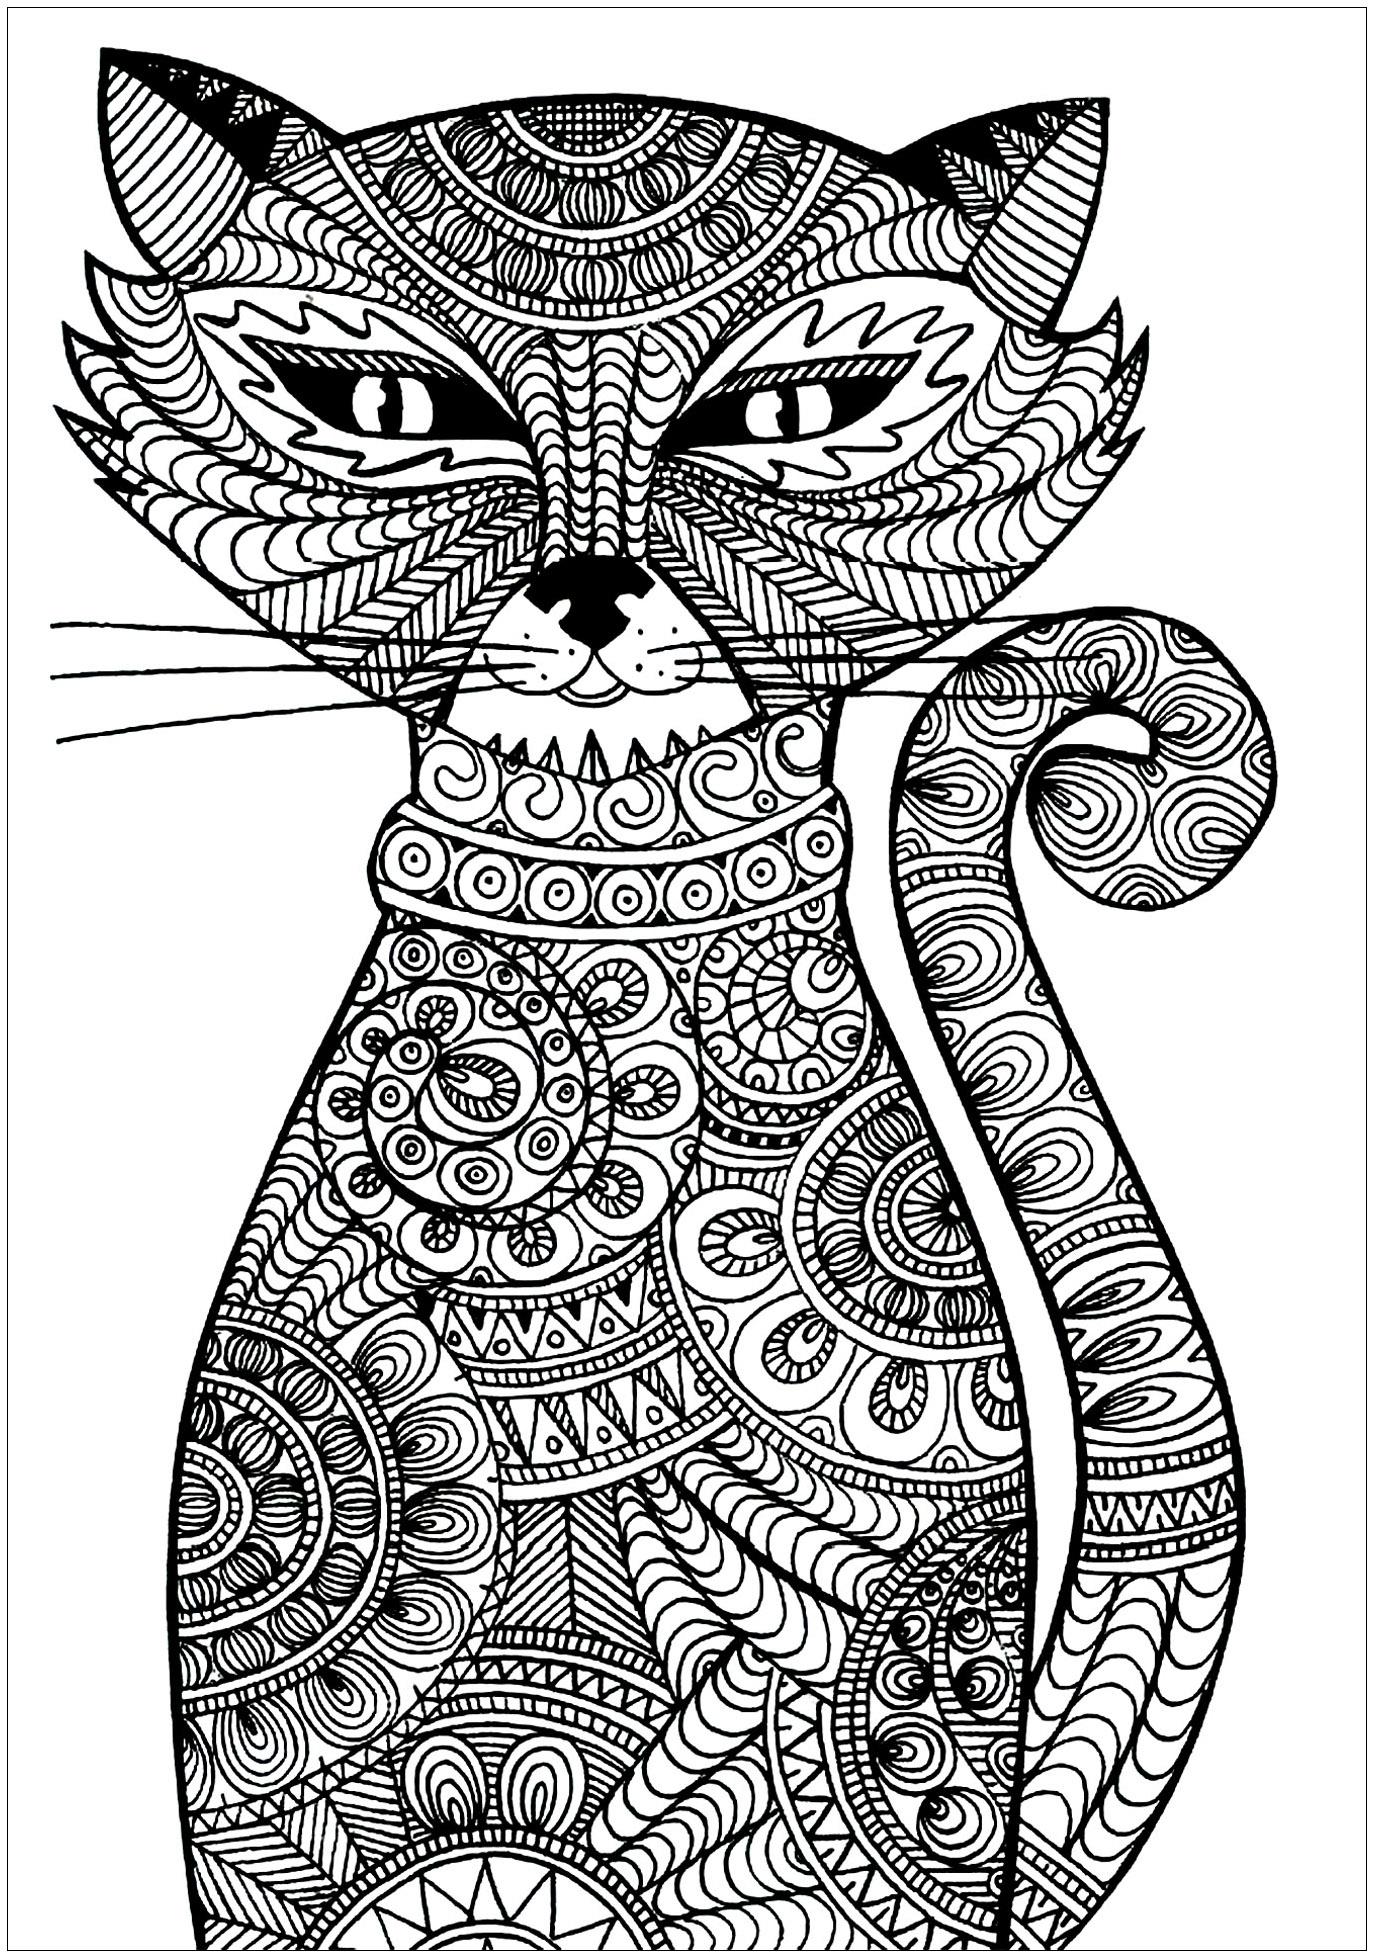 Colorear para adultos  : Gatos - 5